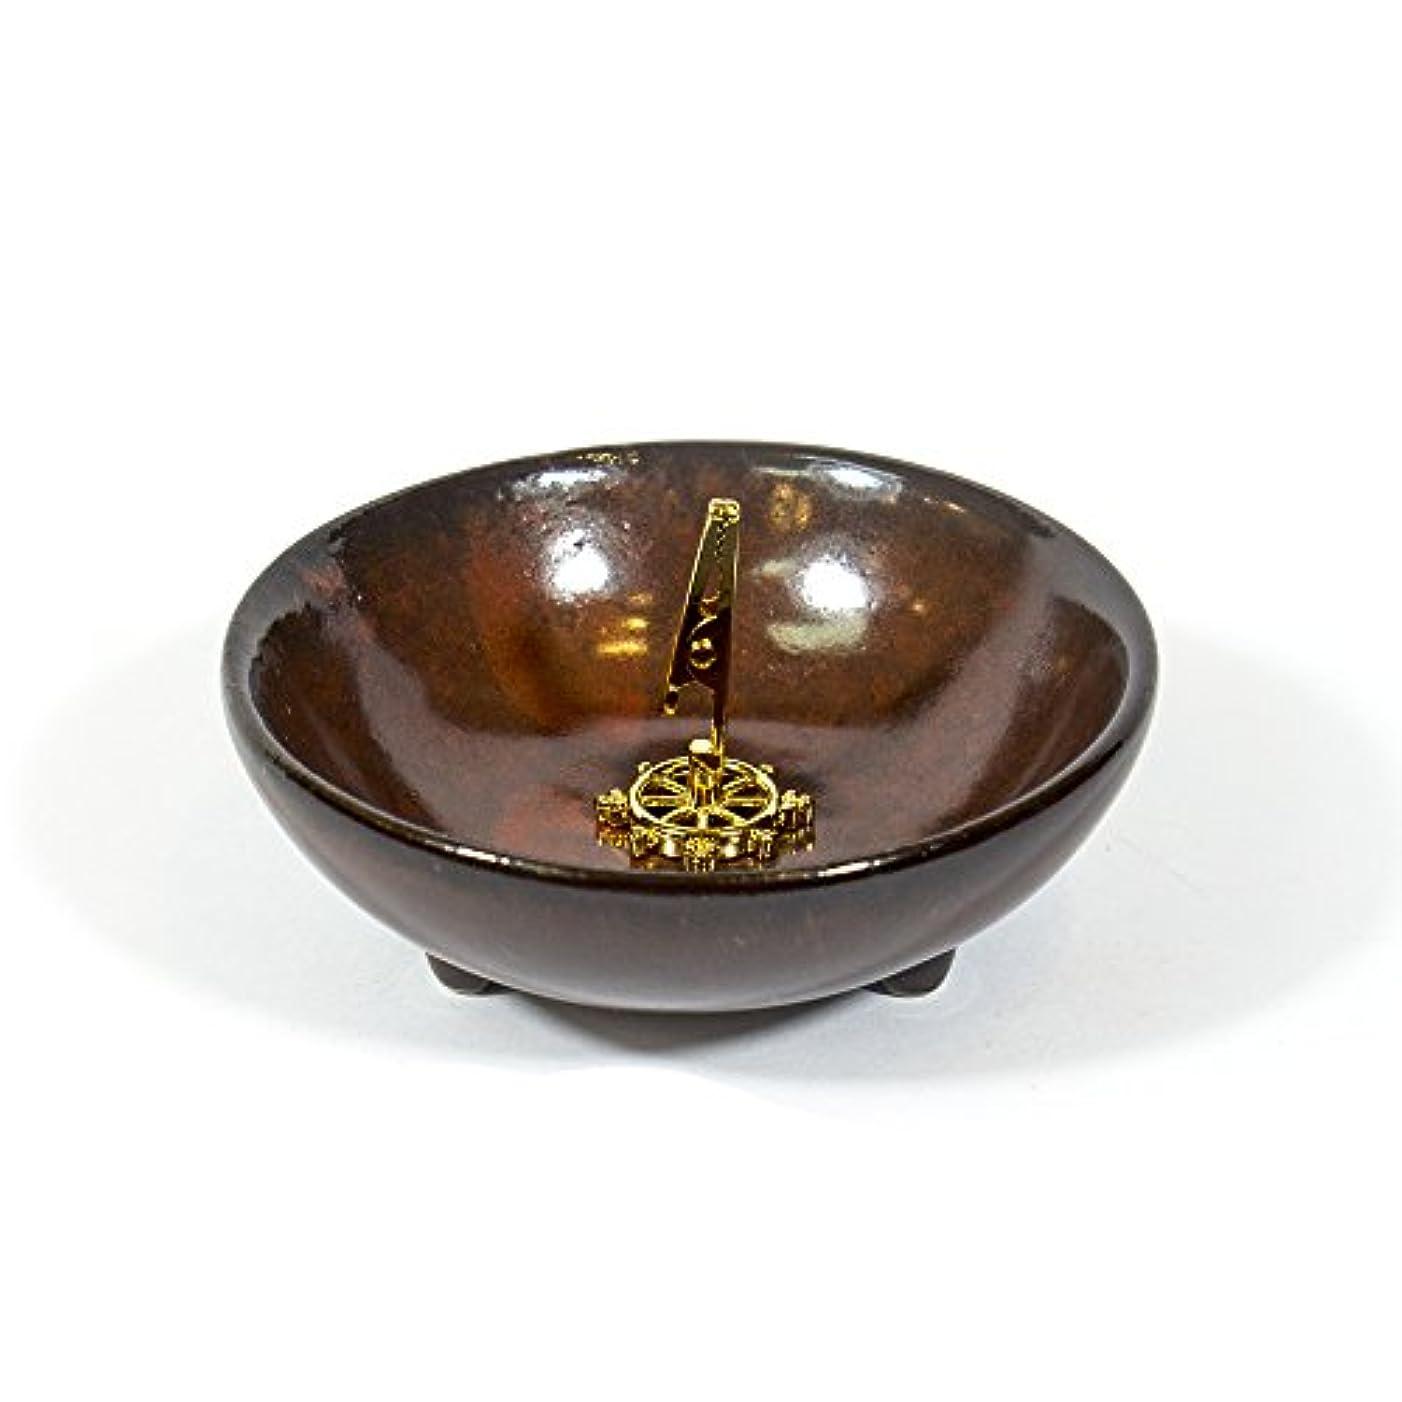 仮説かすかなシャッフル(DarkRed) - Incense Holder for Coils Sticks Cones Ceramic Holder Dark Red Type